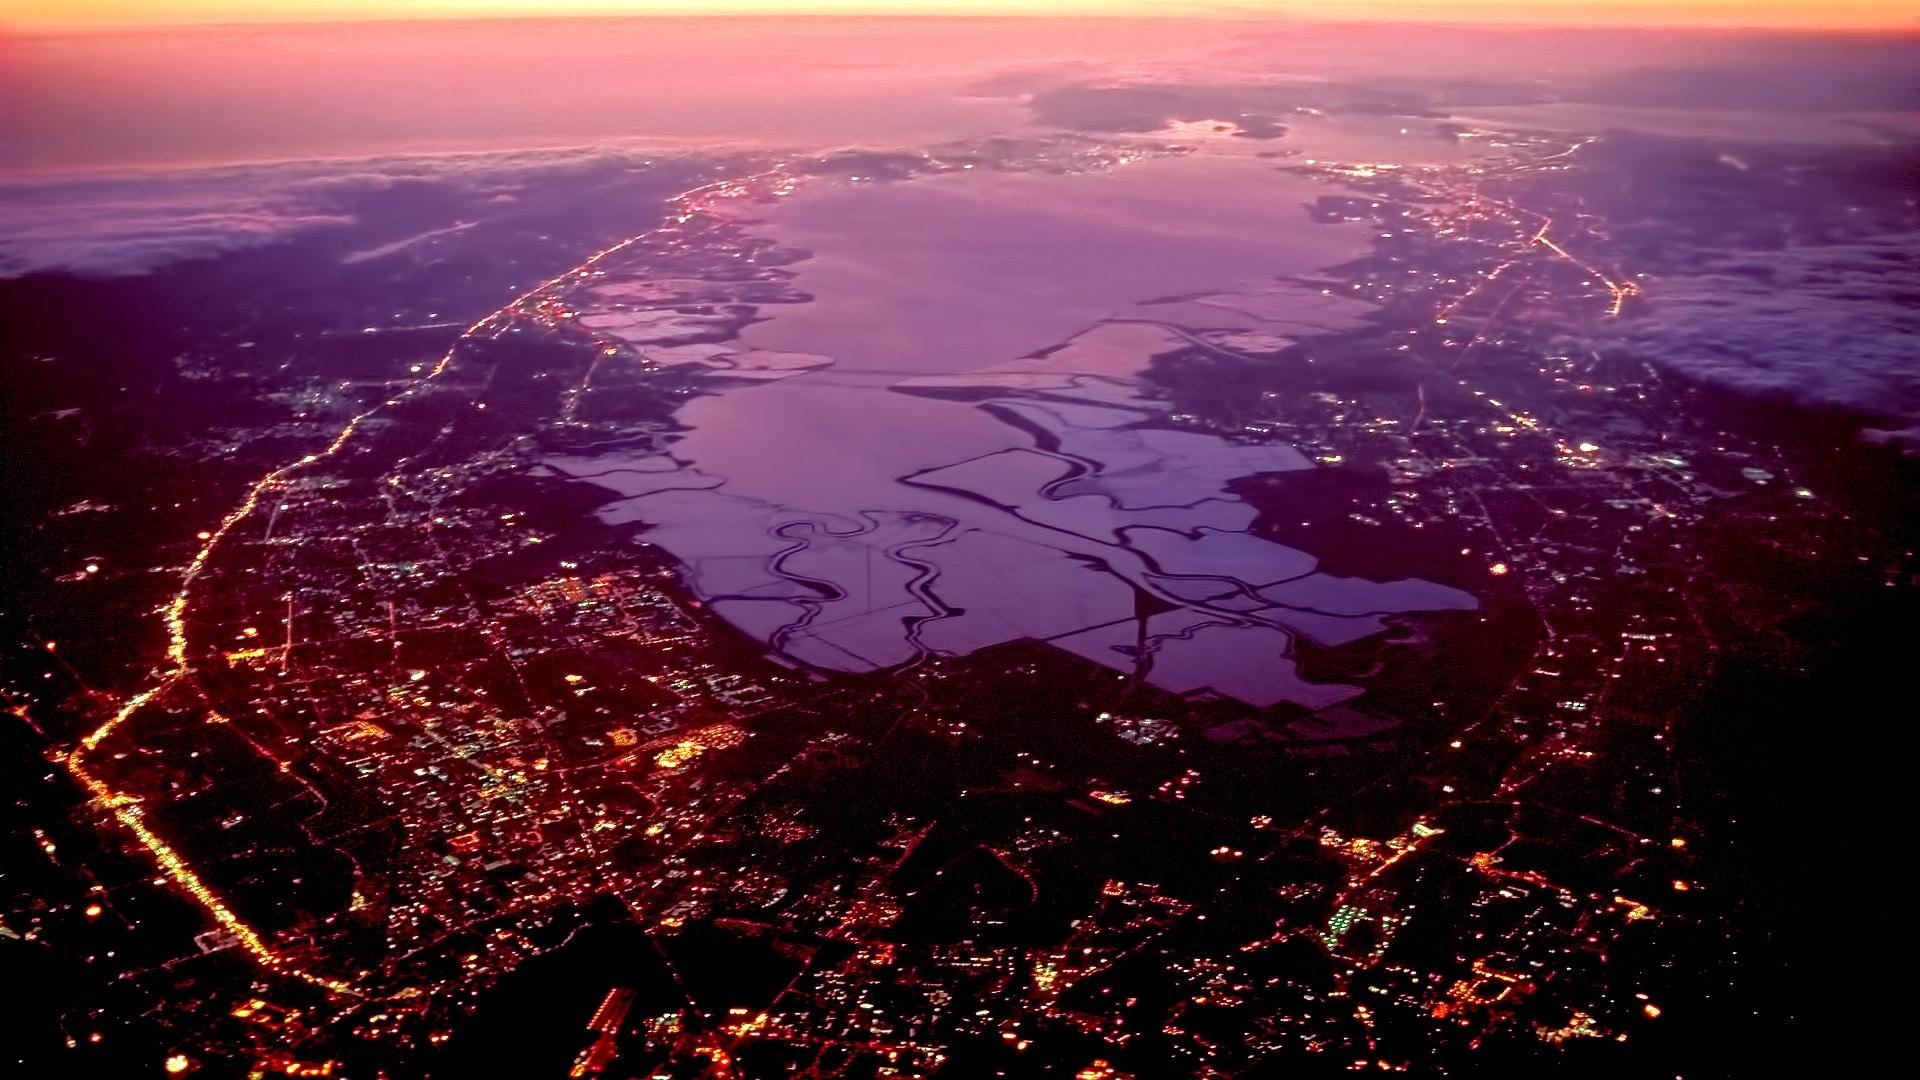 sustaining city with 1 million people, as big as San Jose, California ...